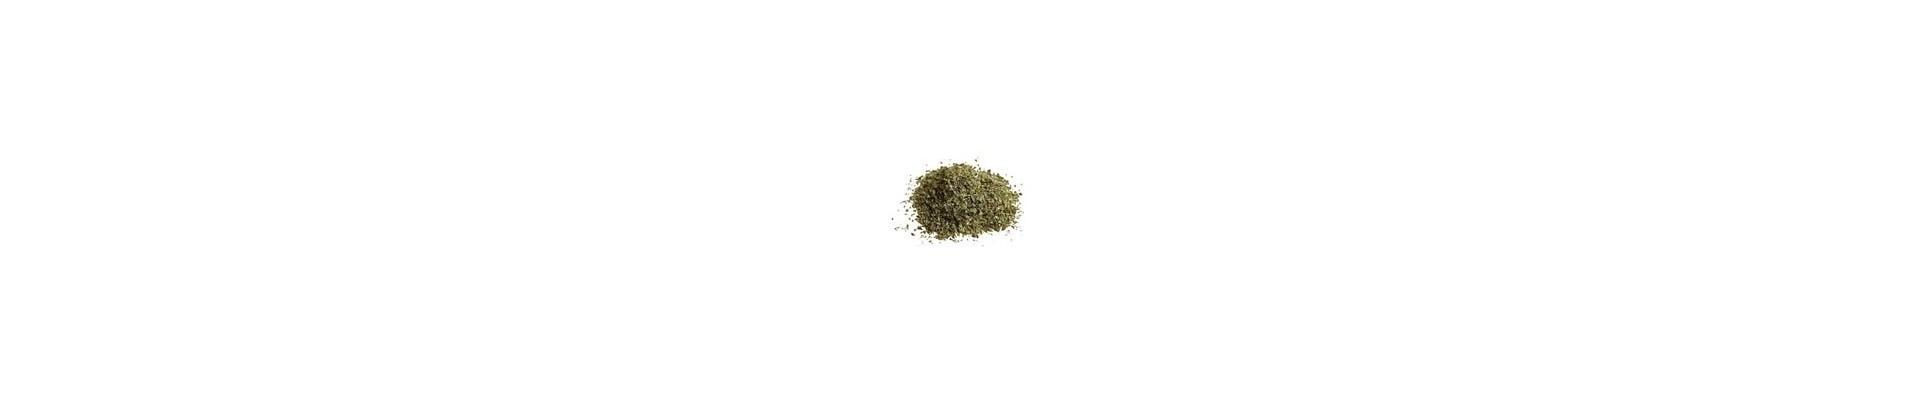 Thymian, Salbei, Rosmarin, Minze und Oregano aus biologischem Anbau